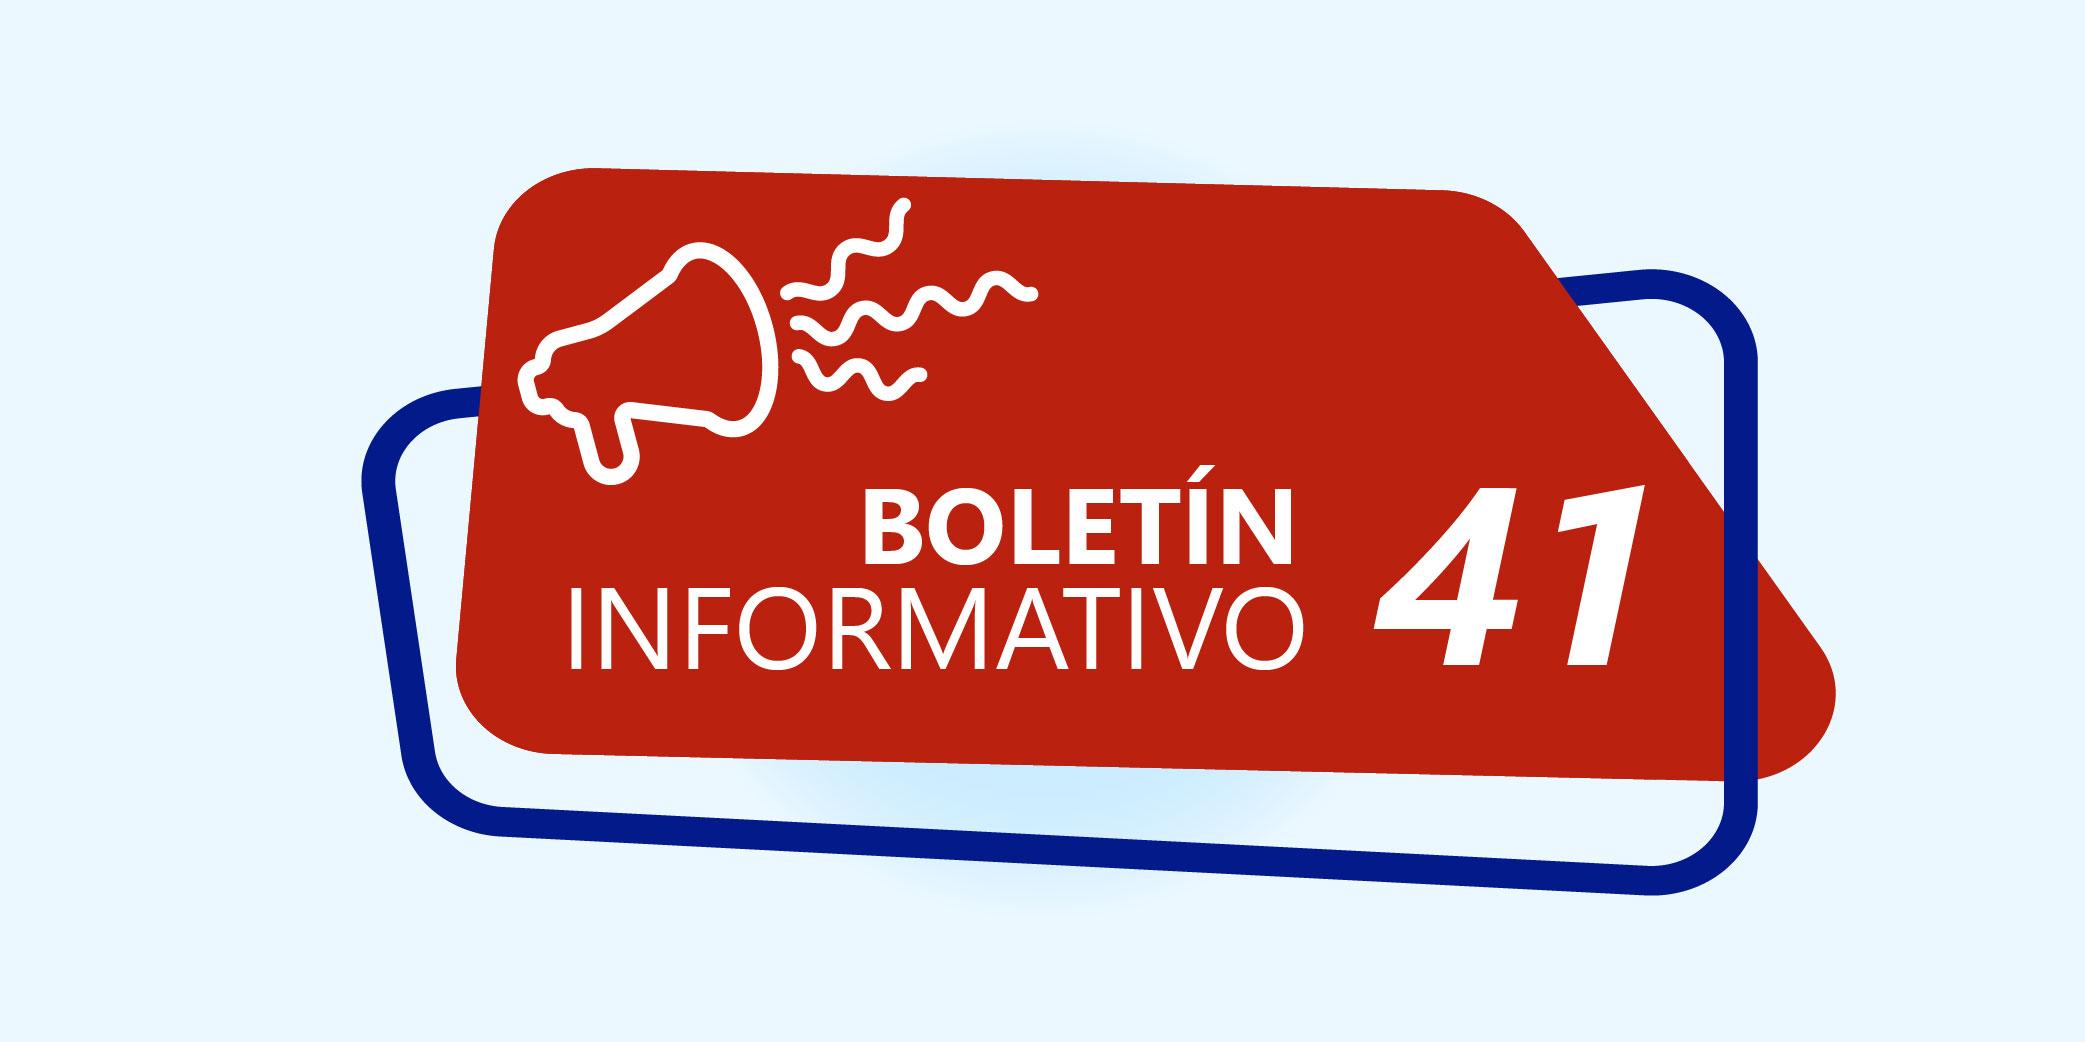 BOLETÍN INFORMATIVO-01